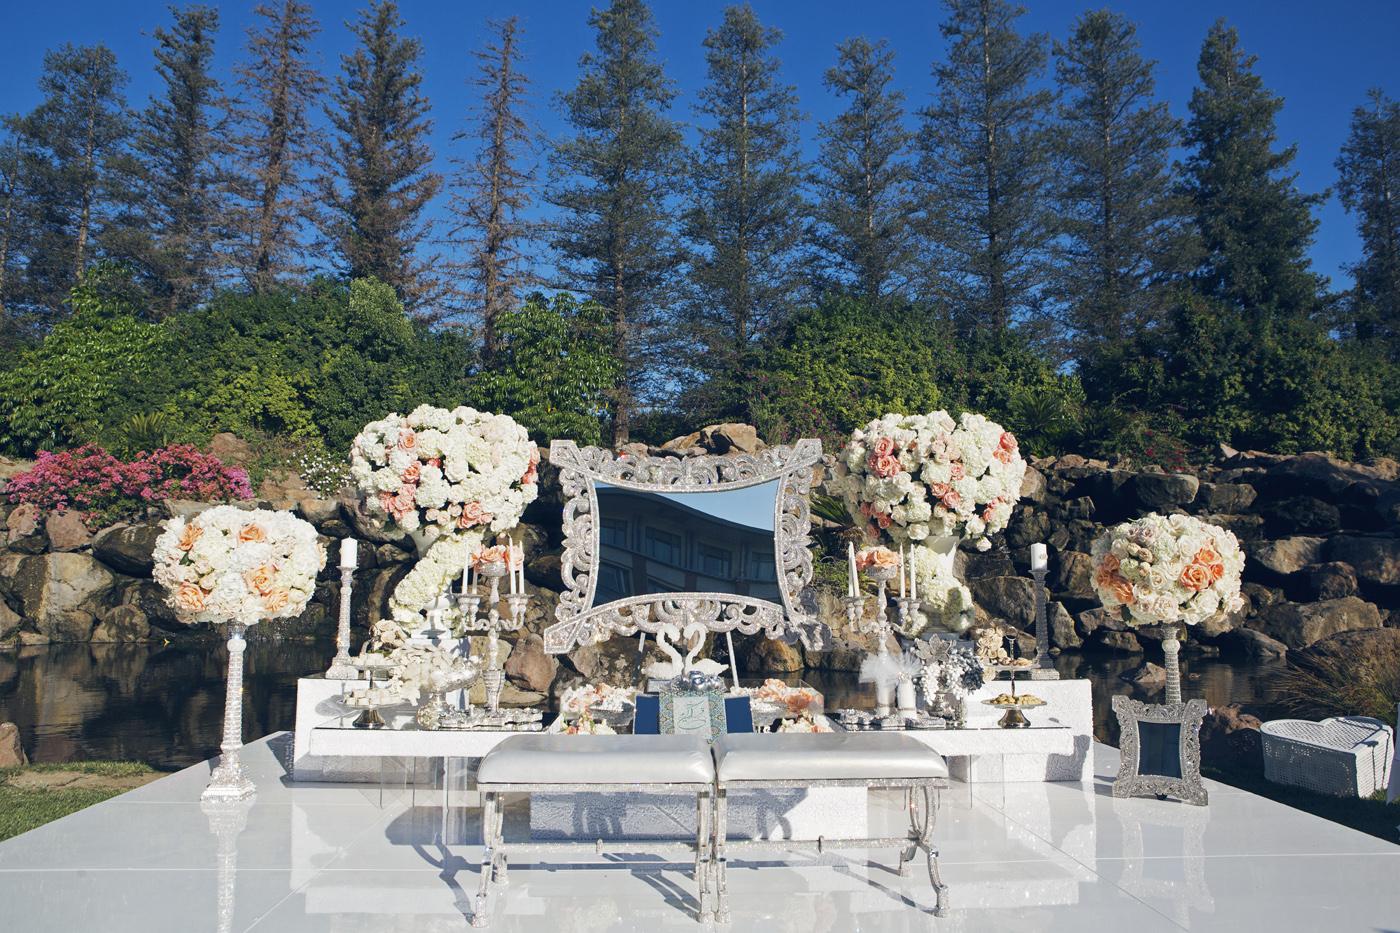 057_DukePhotography_DukeImages_Wedding_Details.jpg